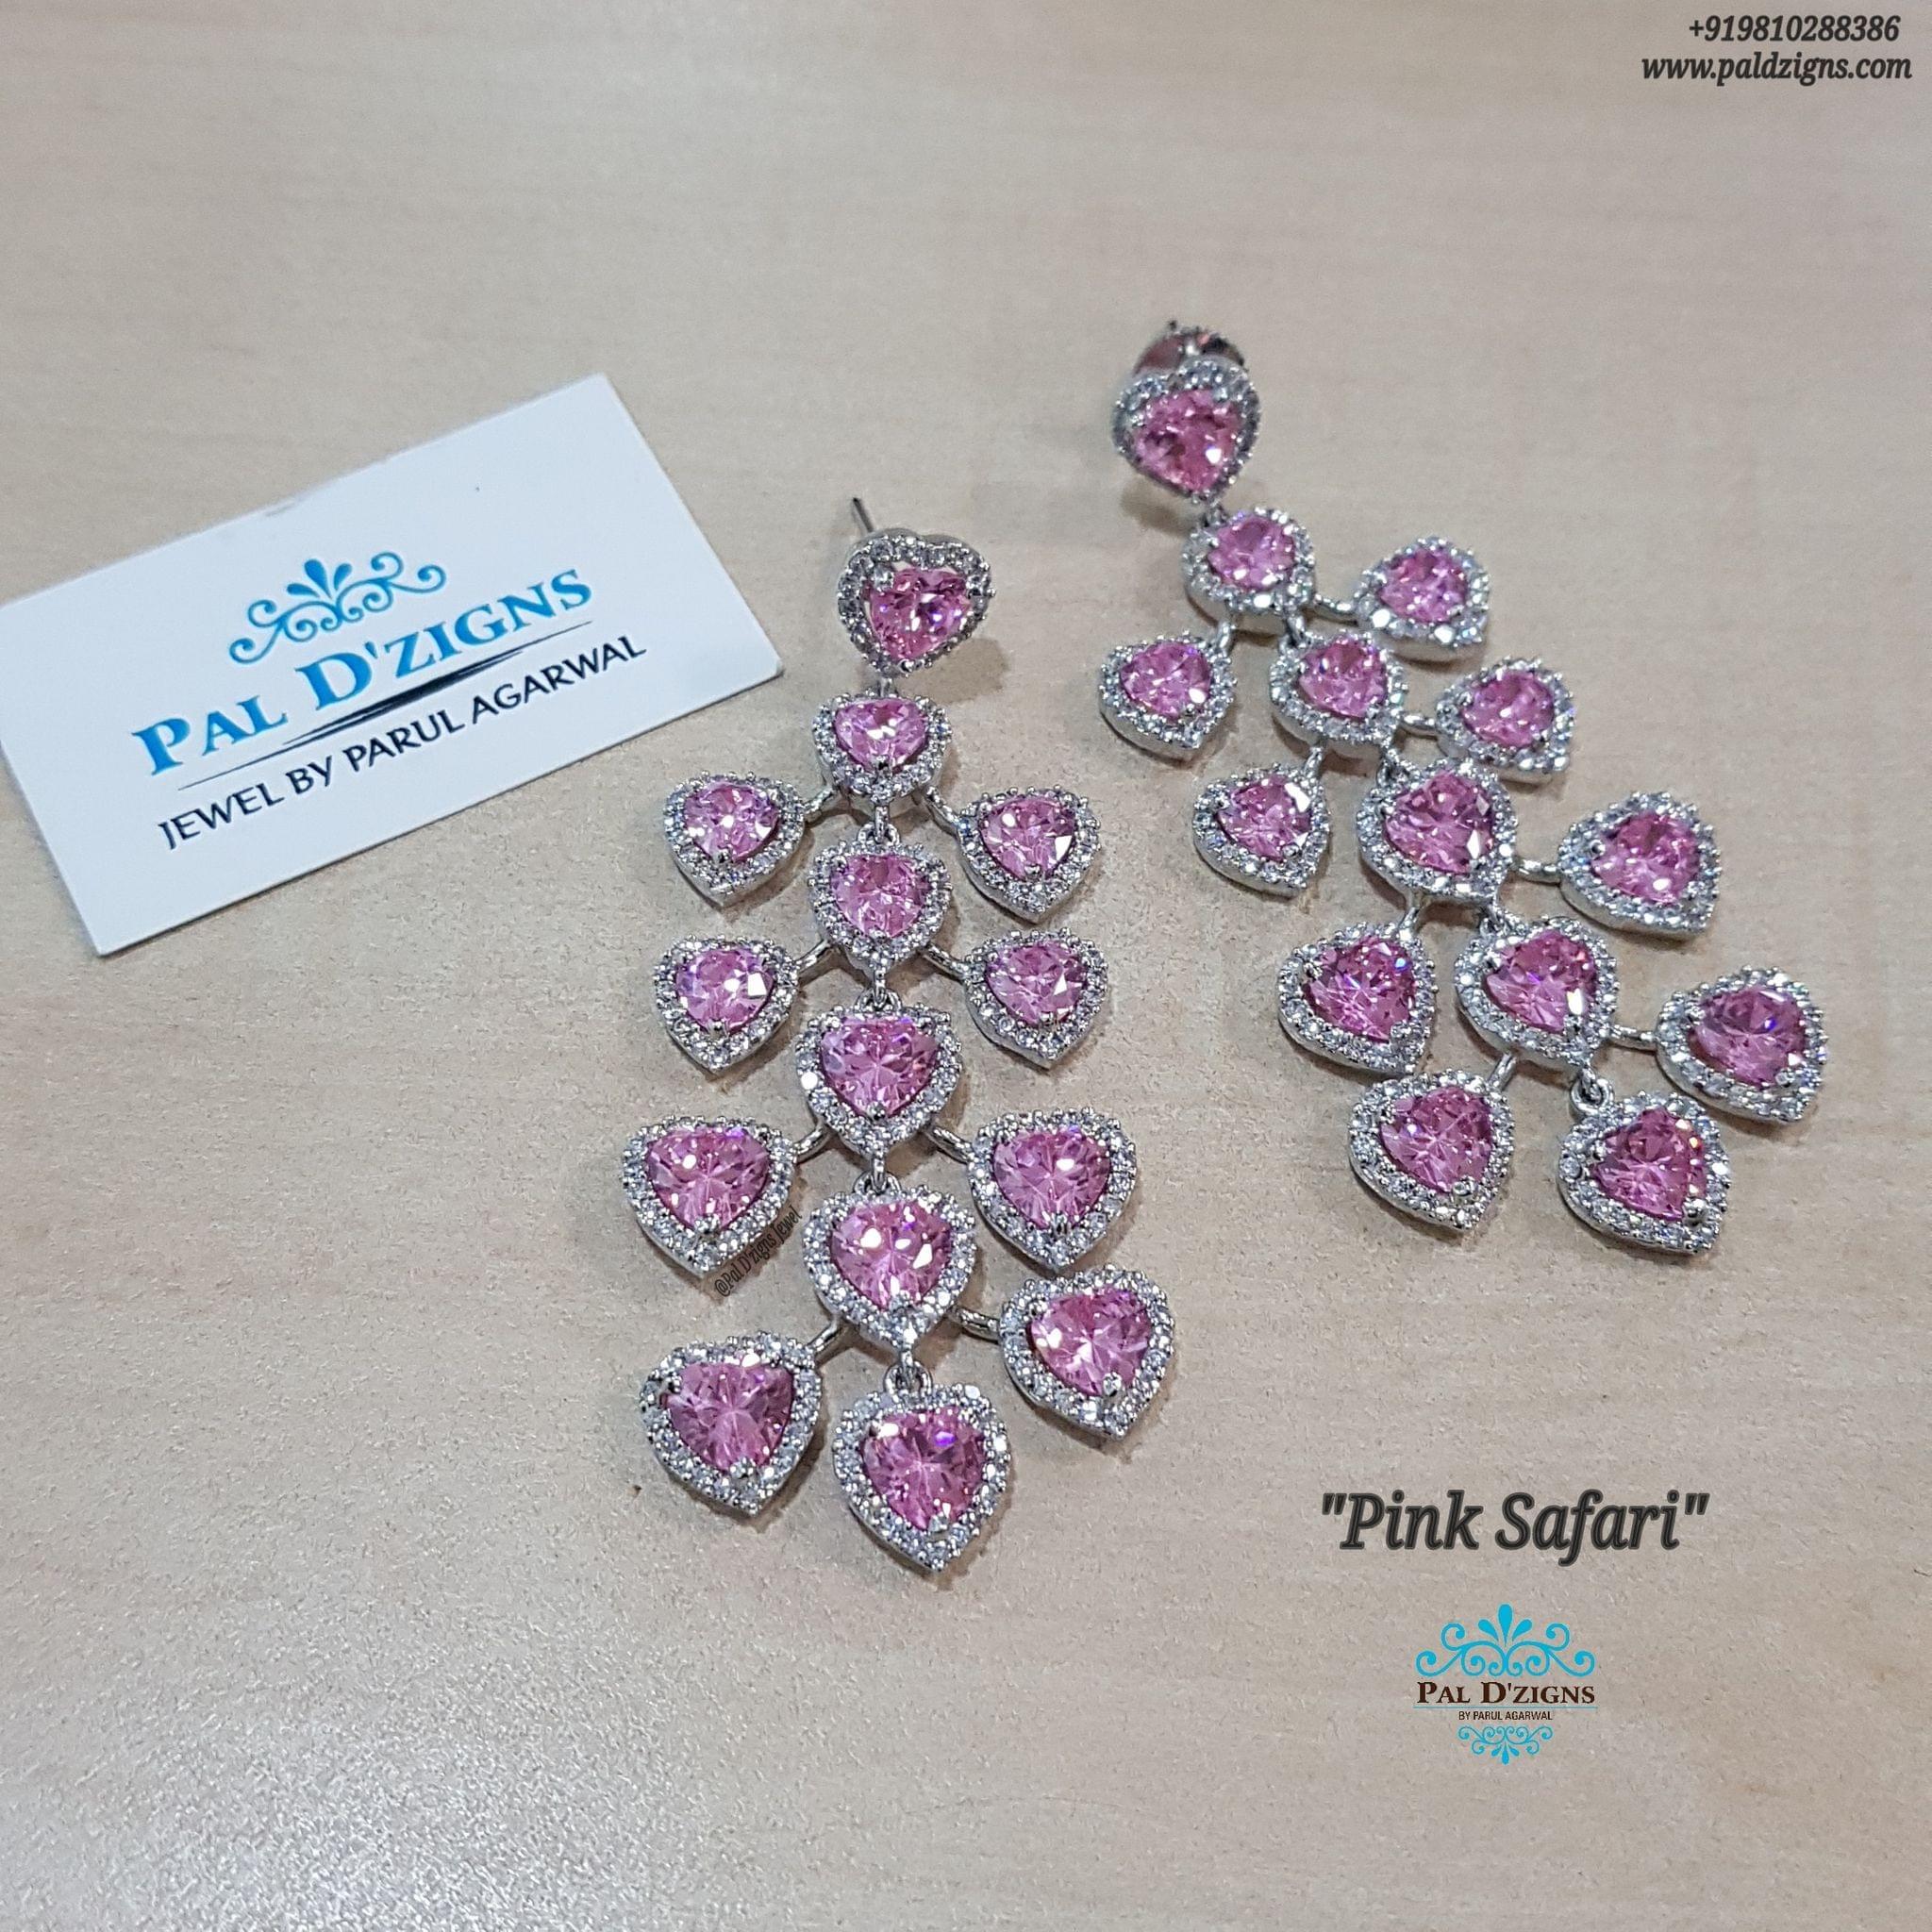 Pink Safari Earings